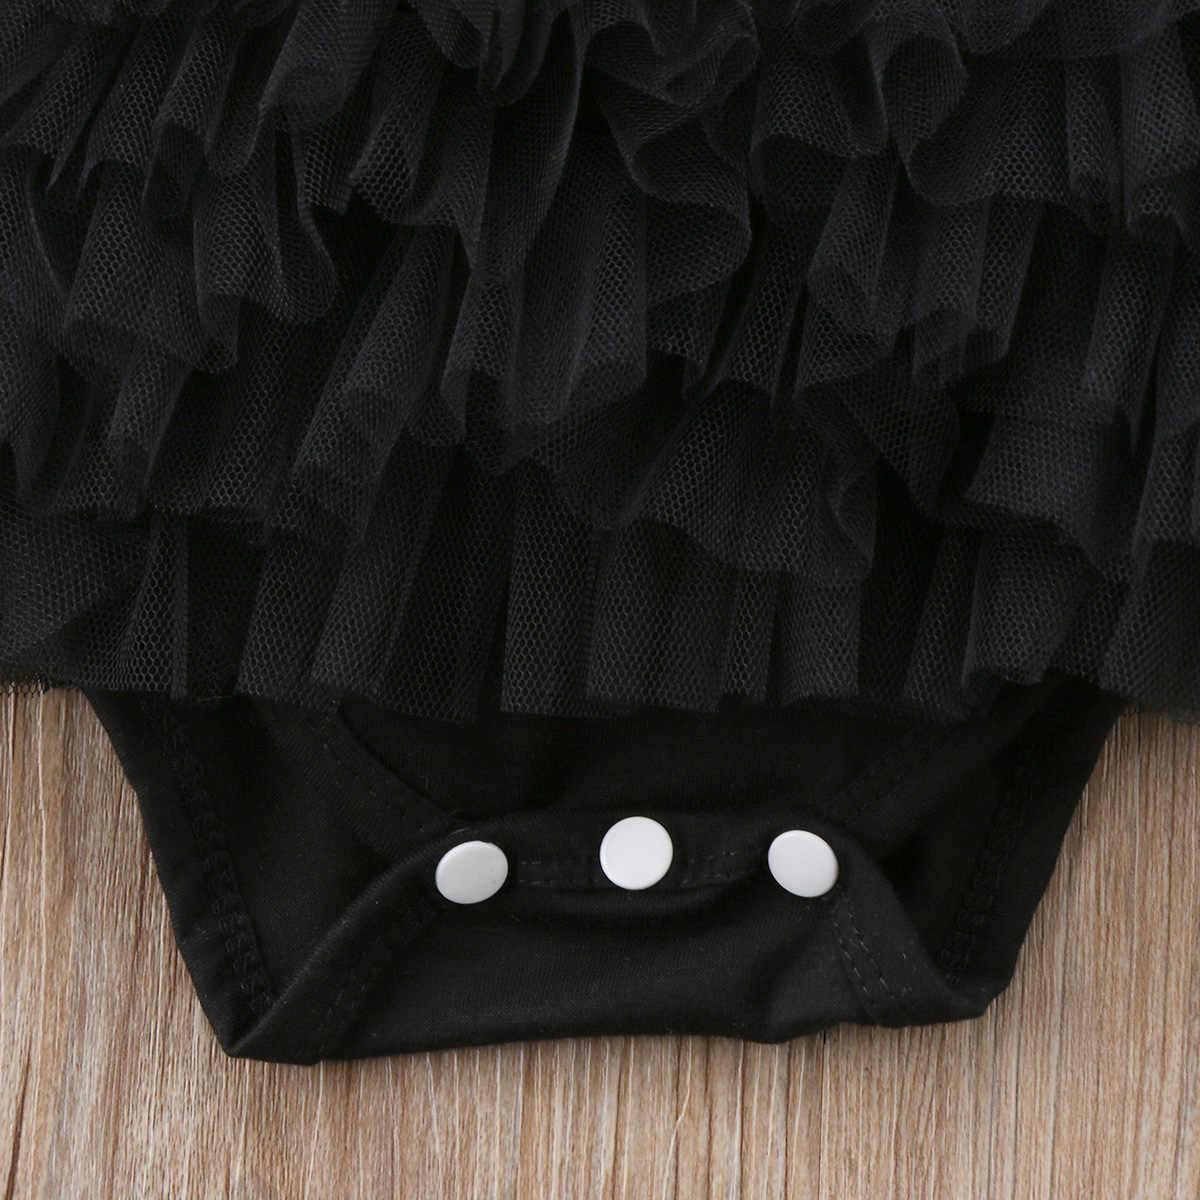 2018 для новорожденных и маленьких девочек, комбинезон, боди, комплект одежды с повязкой на голову; модные летние Черные милые featureas CH